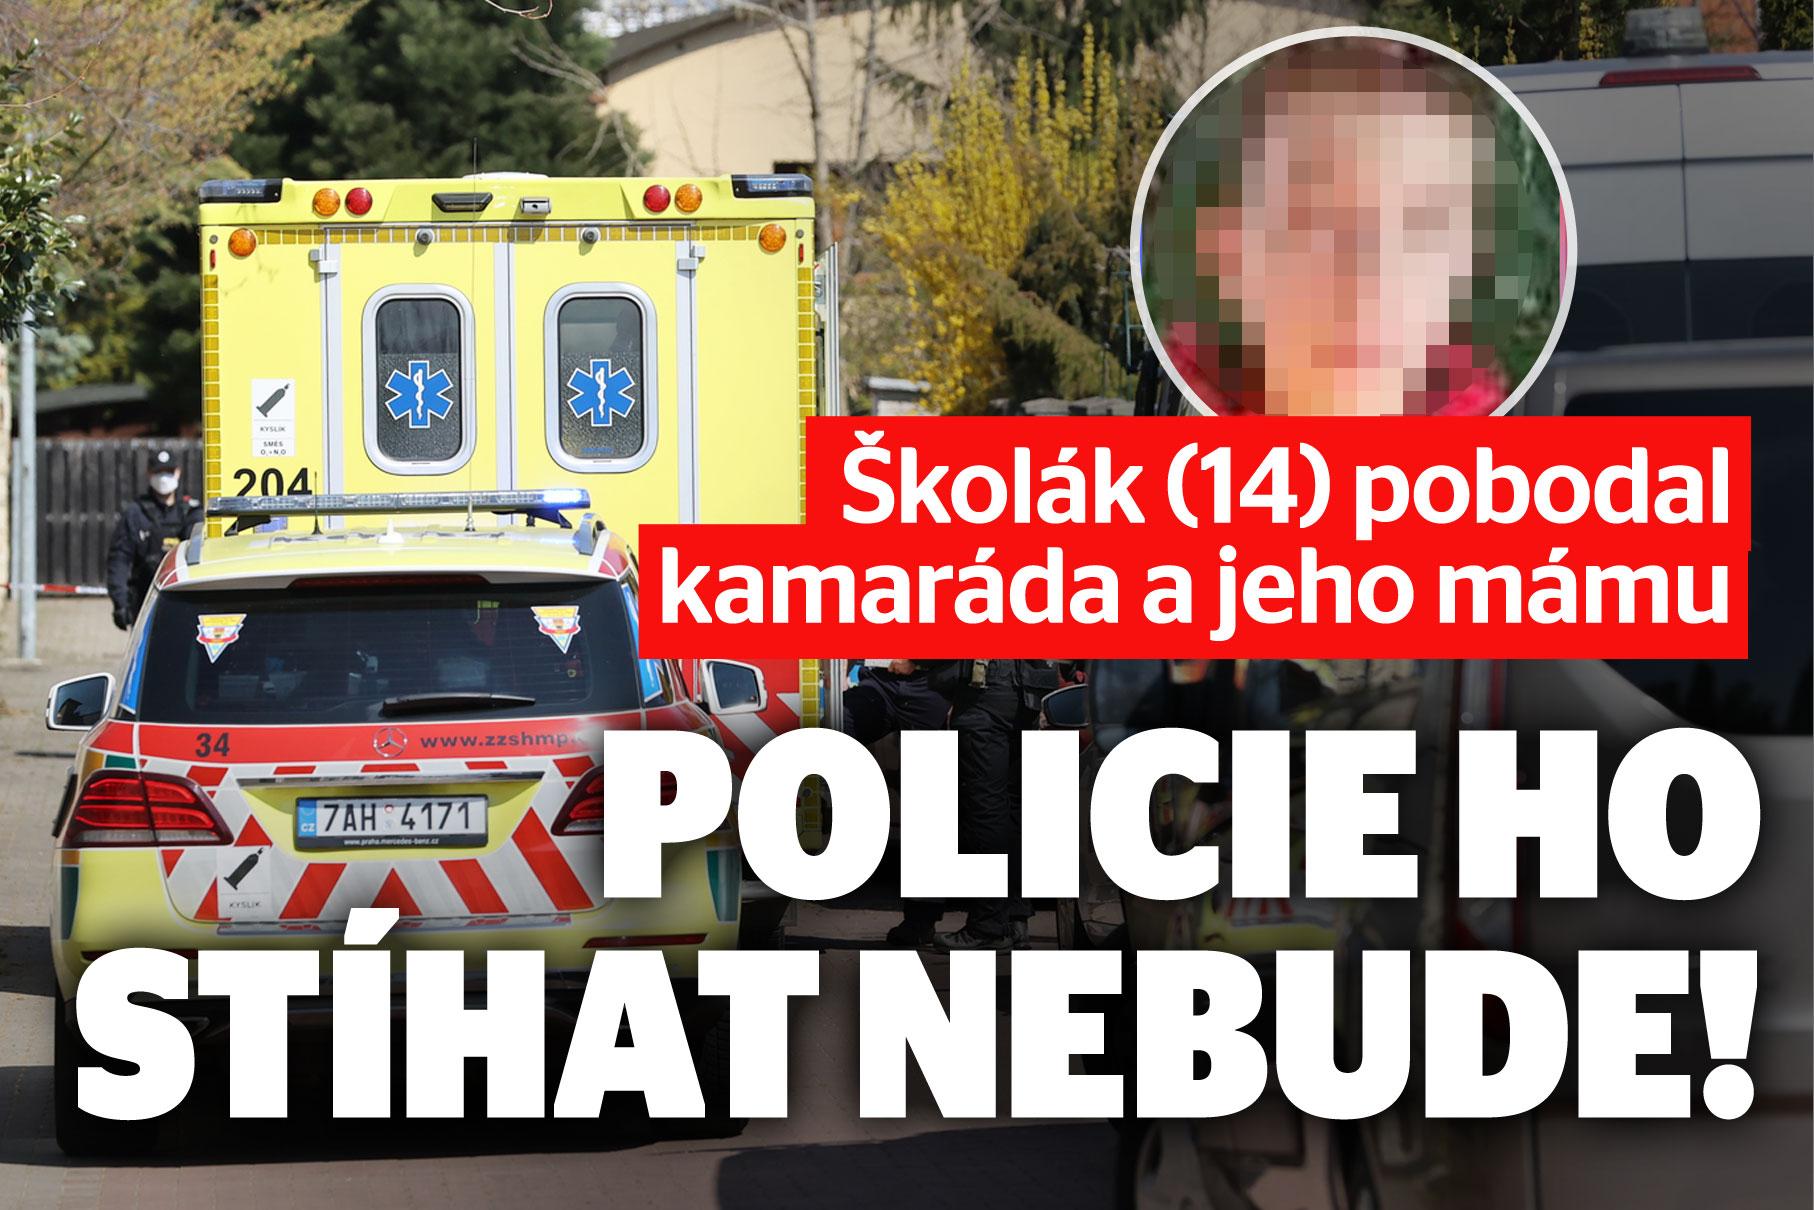 Kluk (14) pobodal mámu a syna: Policie zastavila stíhání